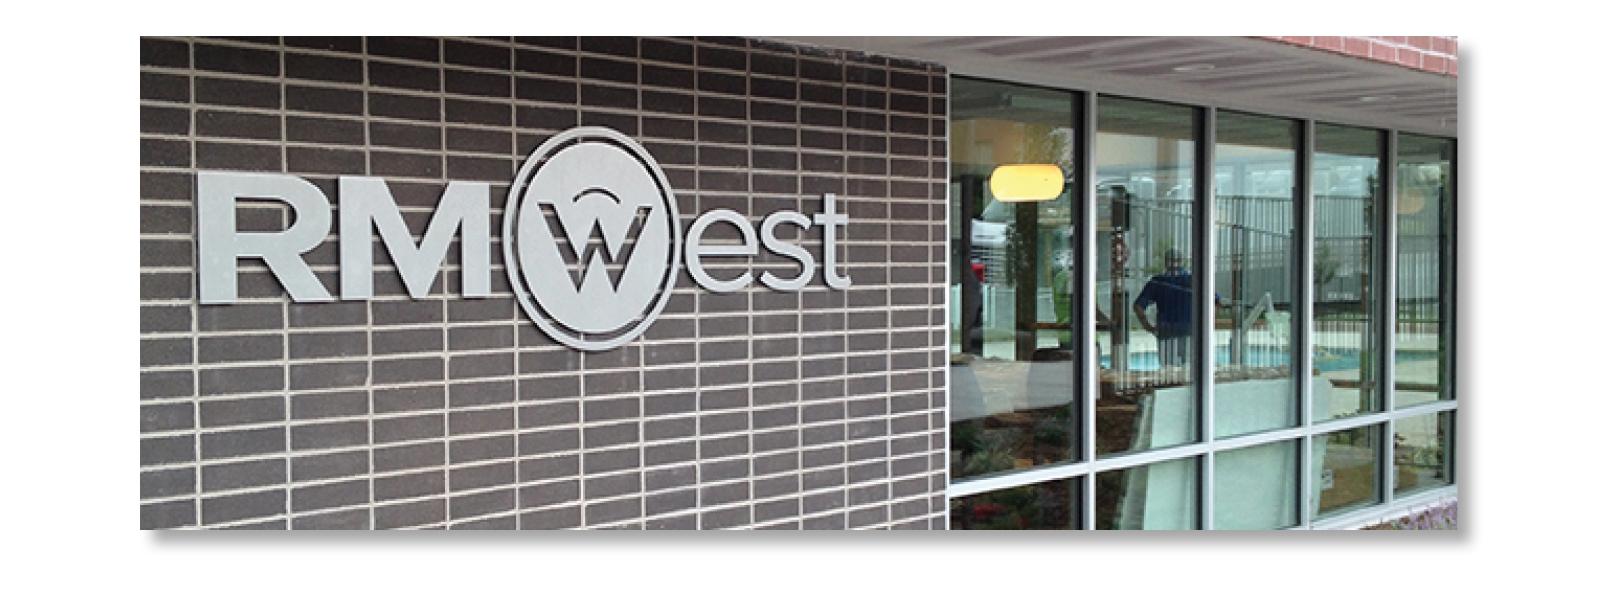 Sturges Word Client RMWest Signage - Logo Design